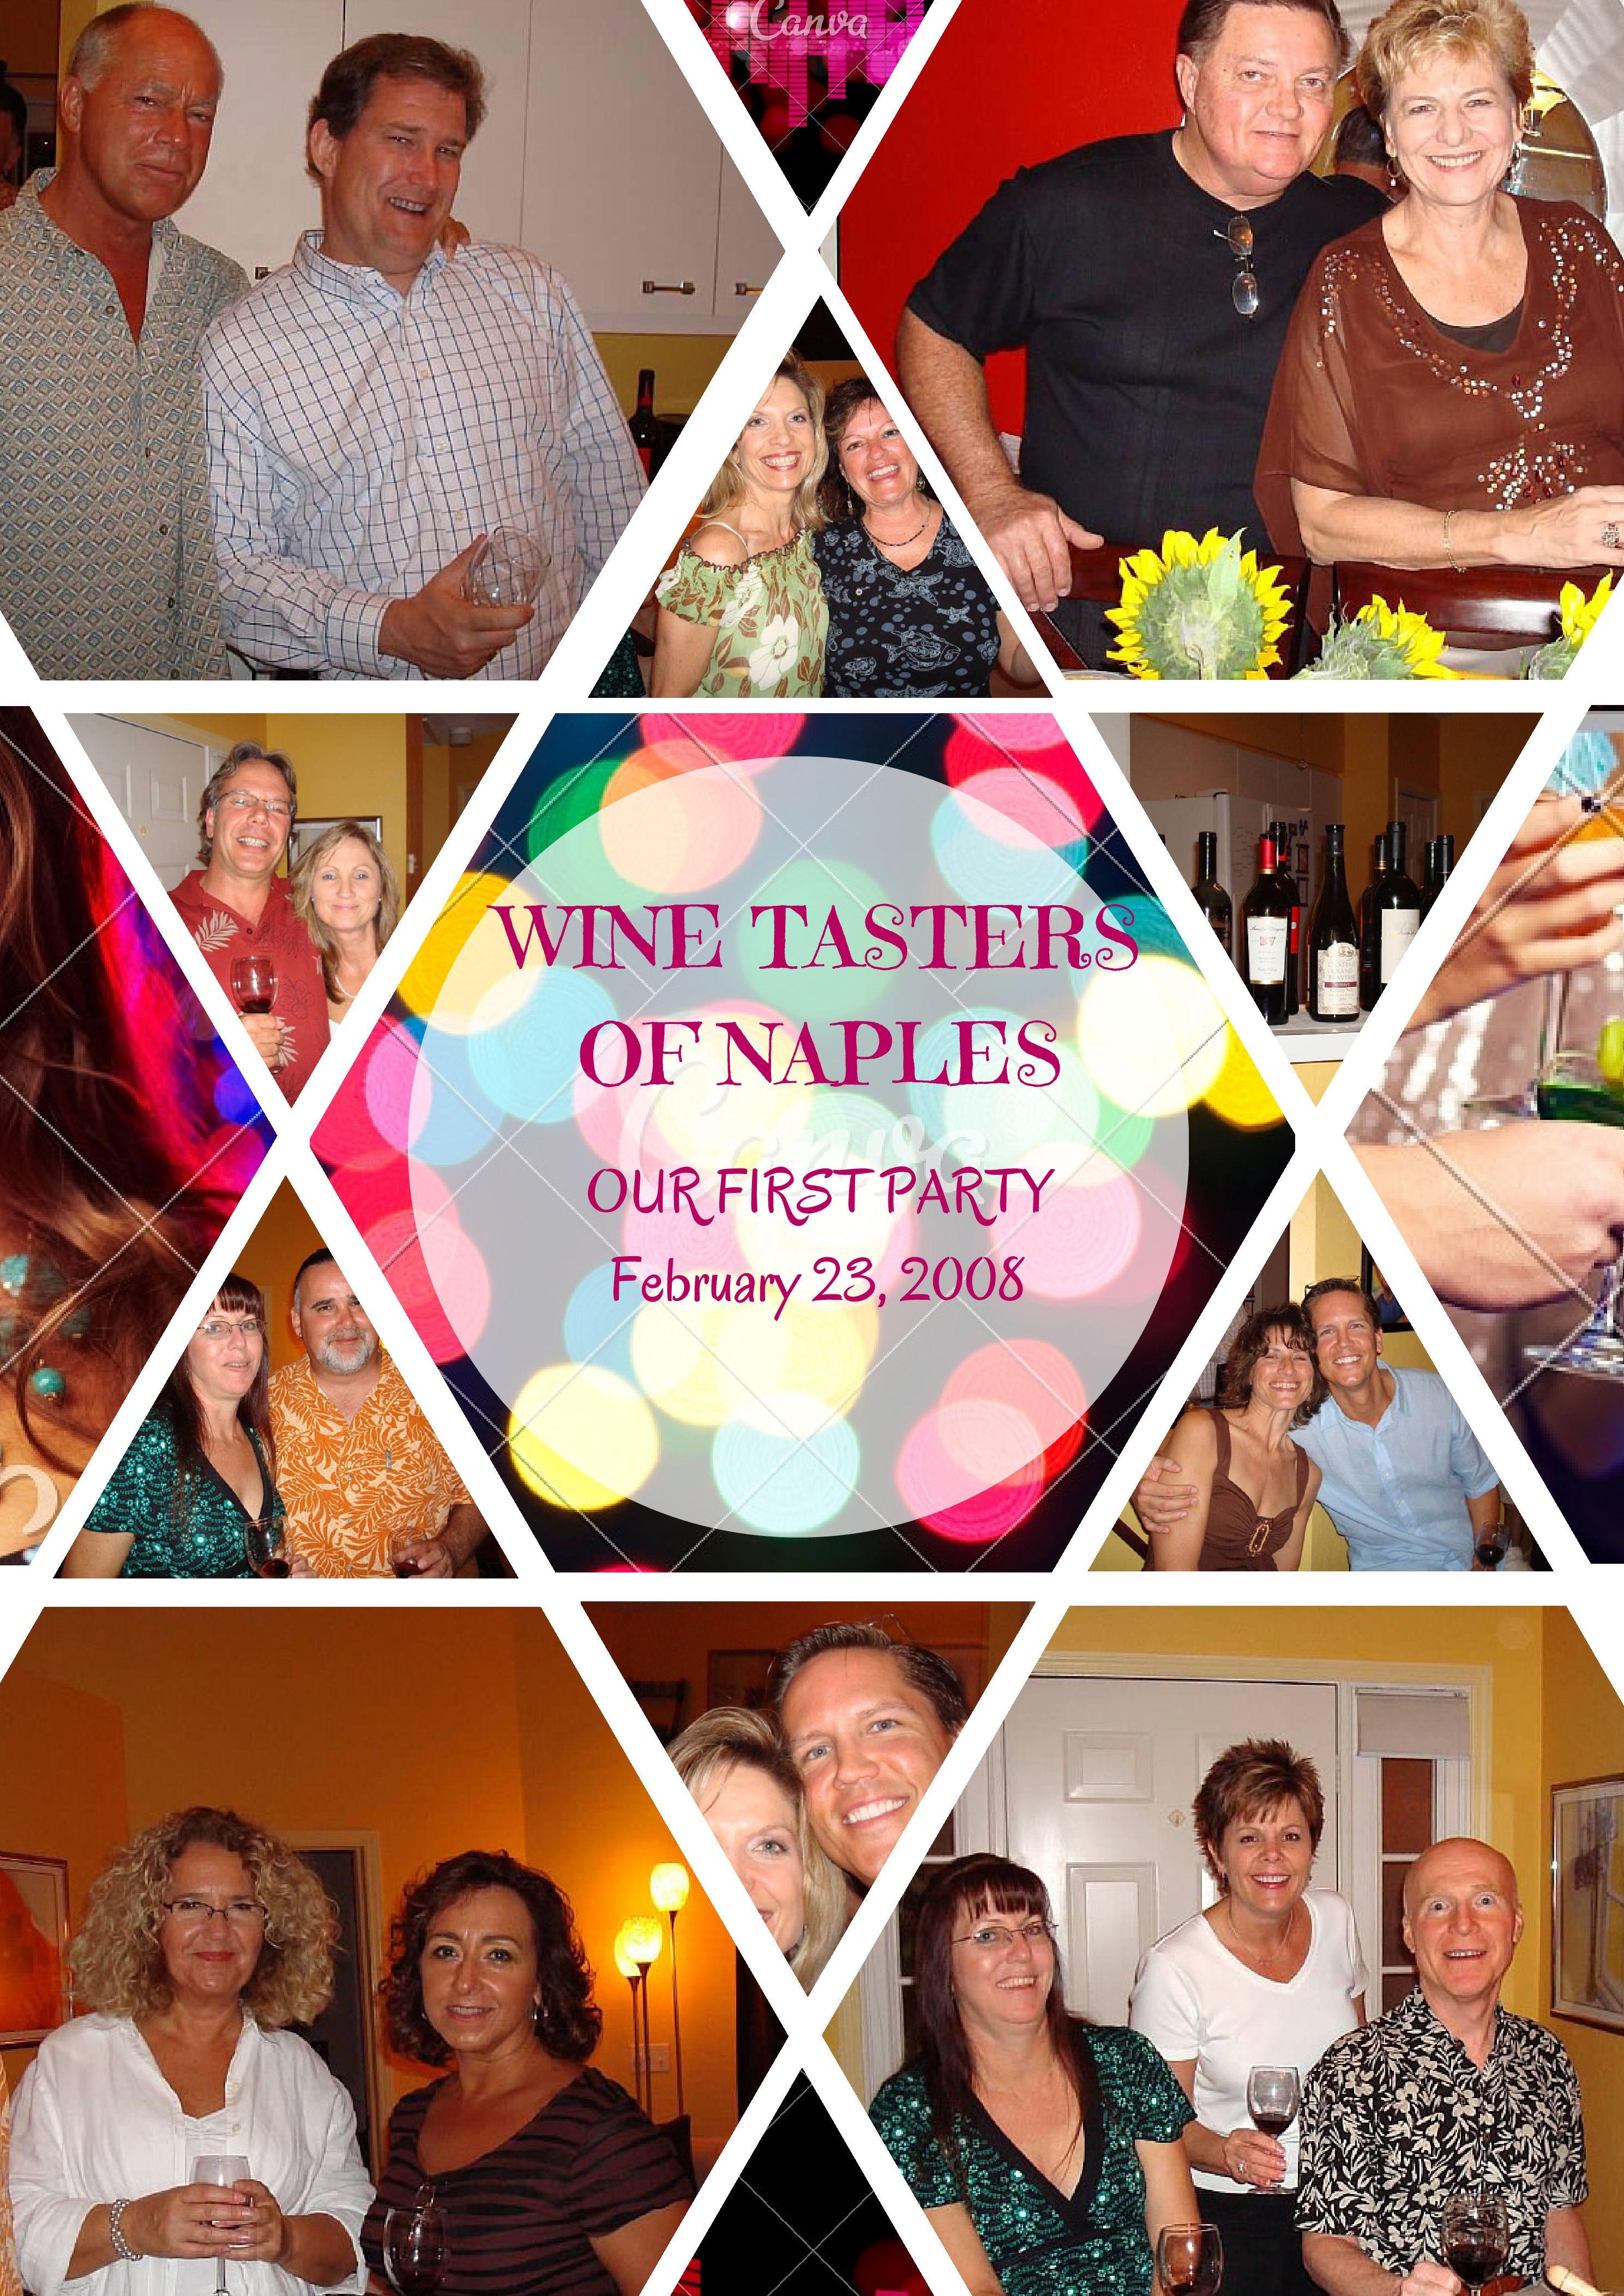 Wine Tasters of Naples History